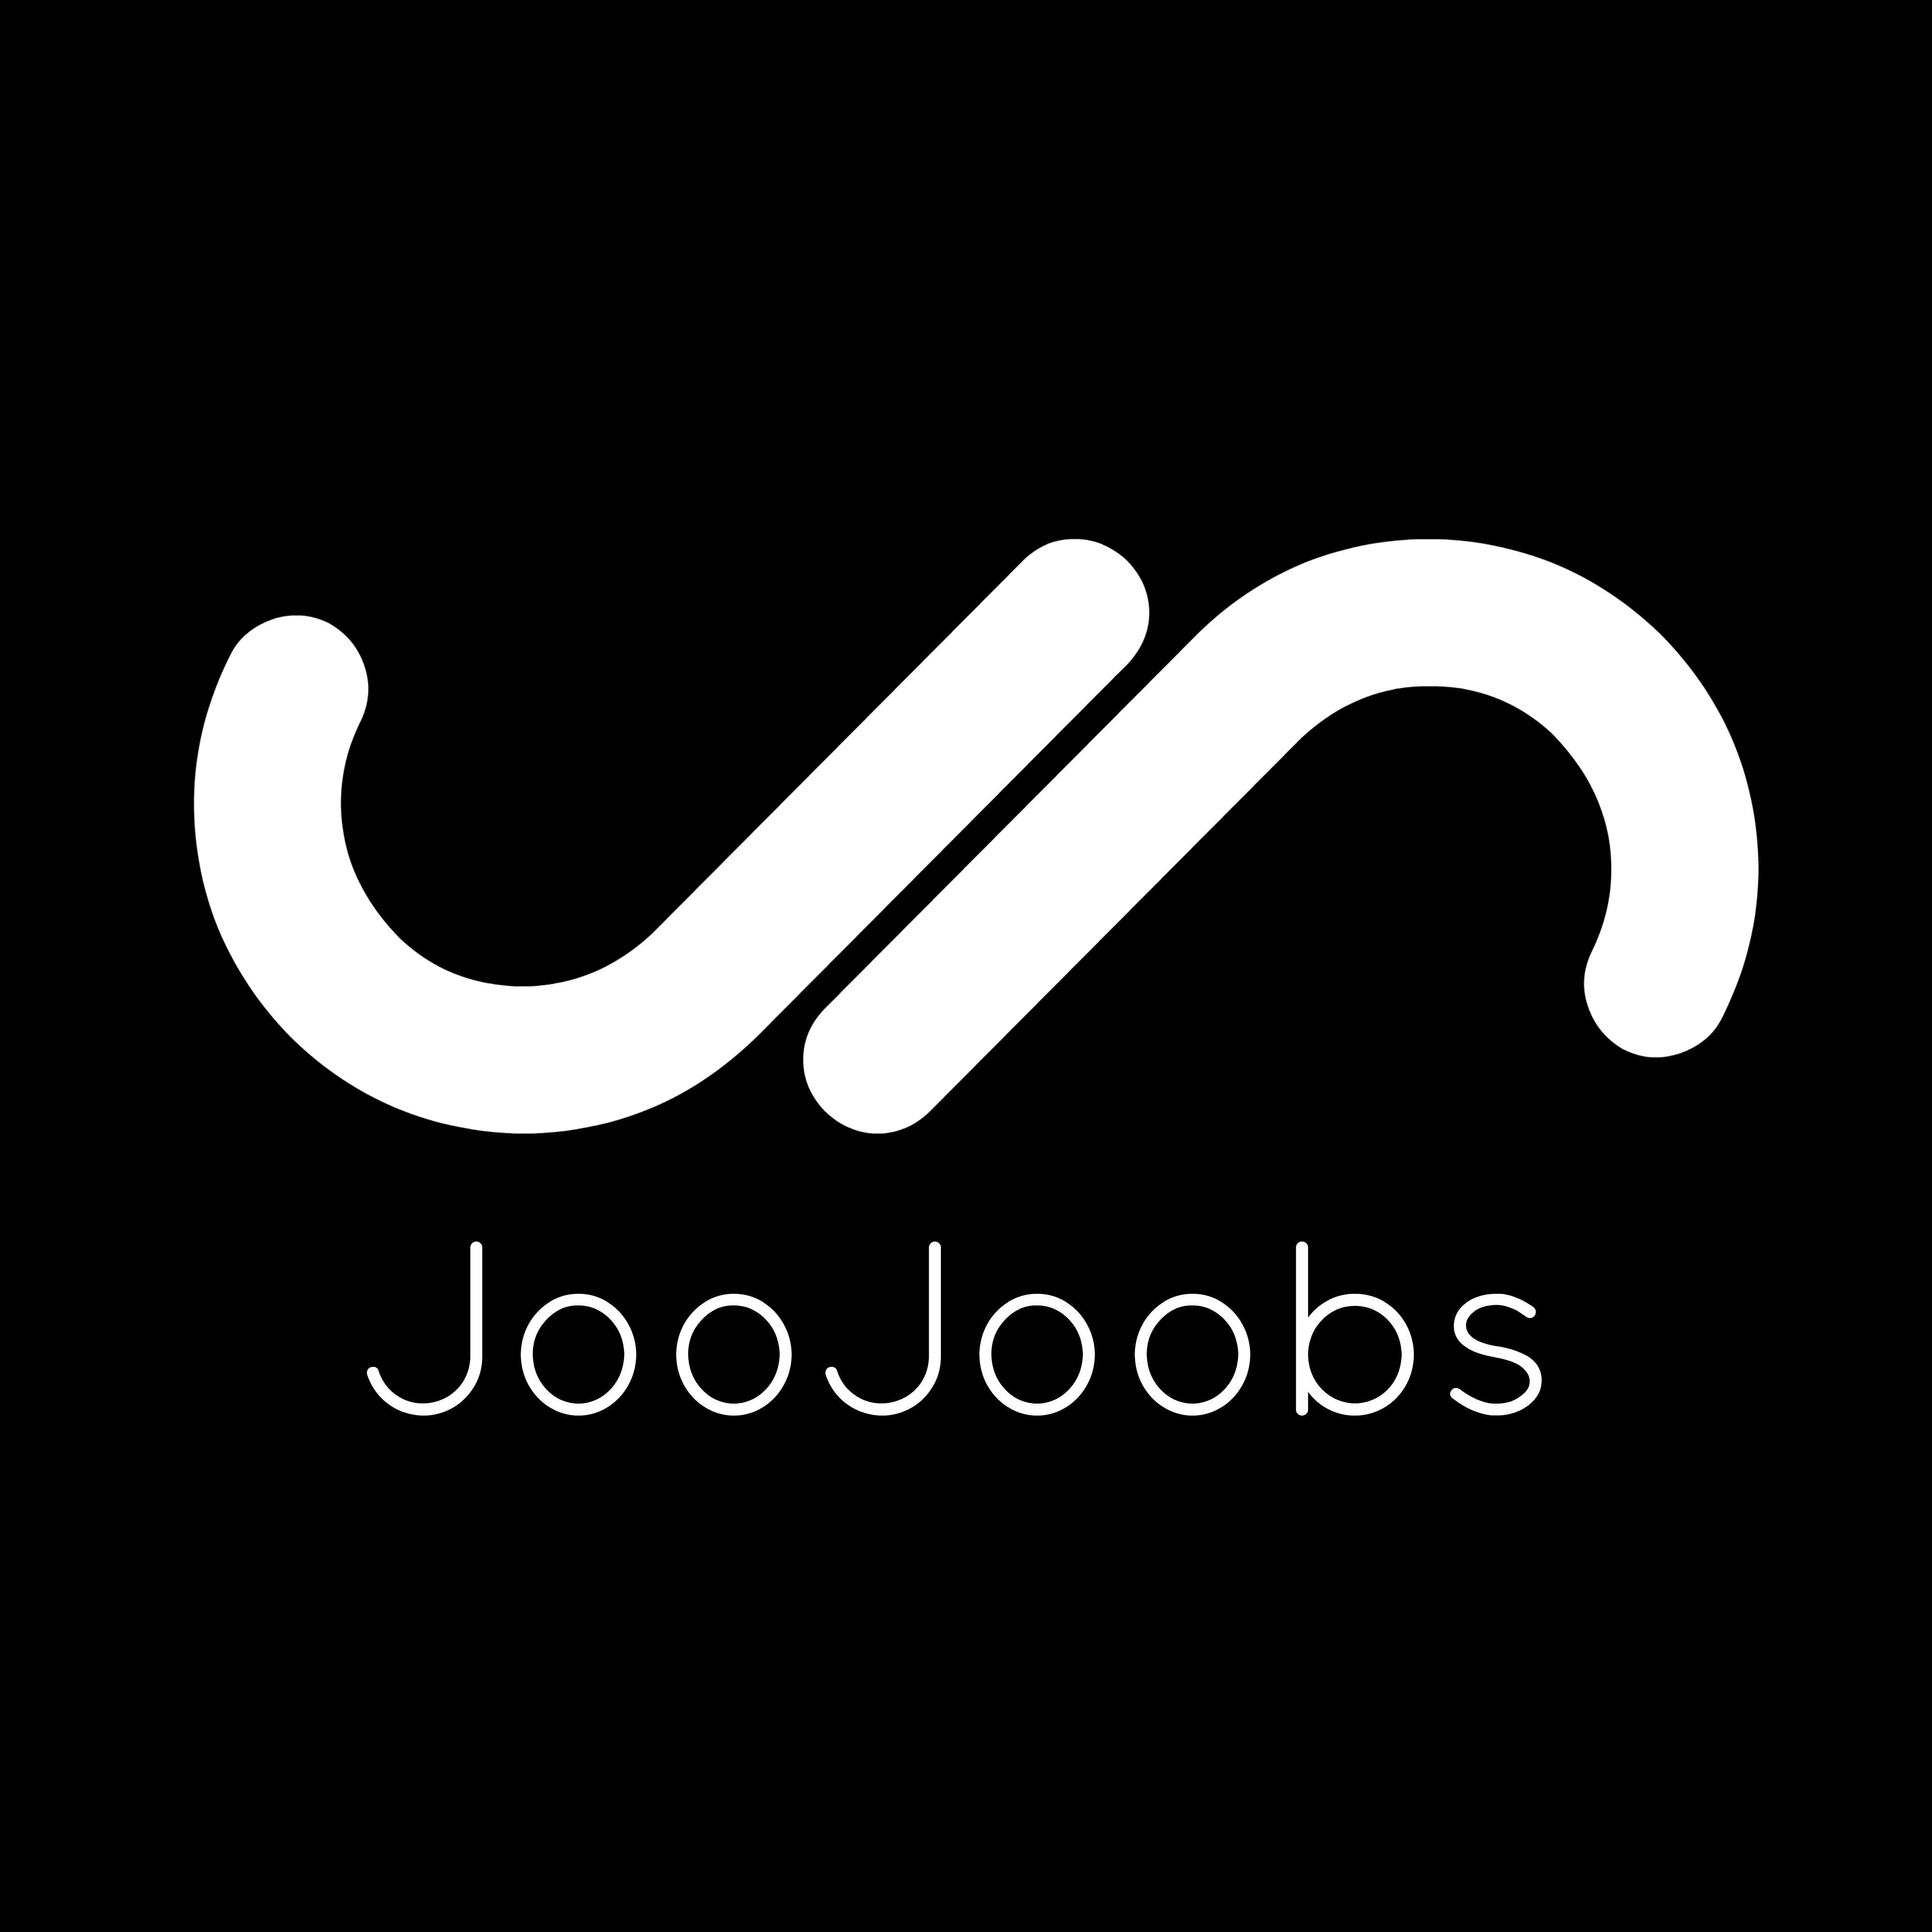 JooJoobs